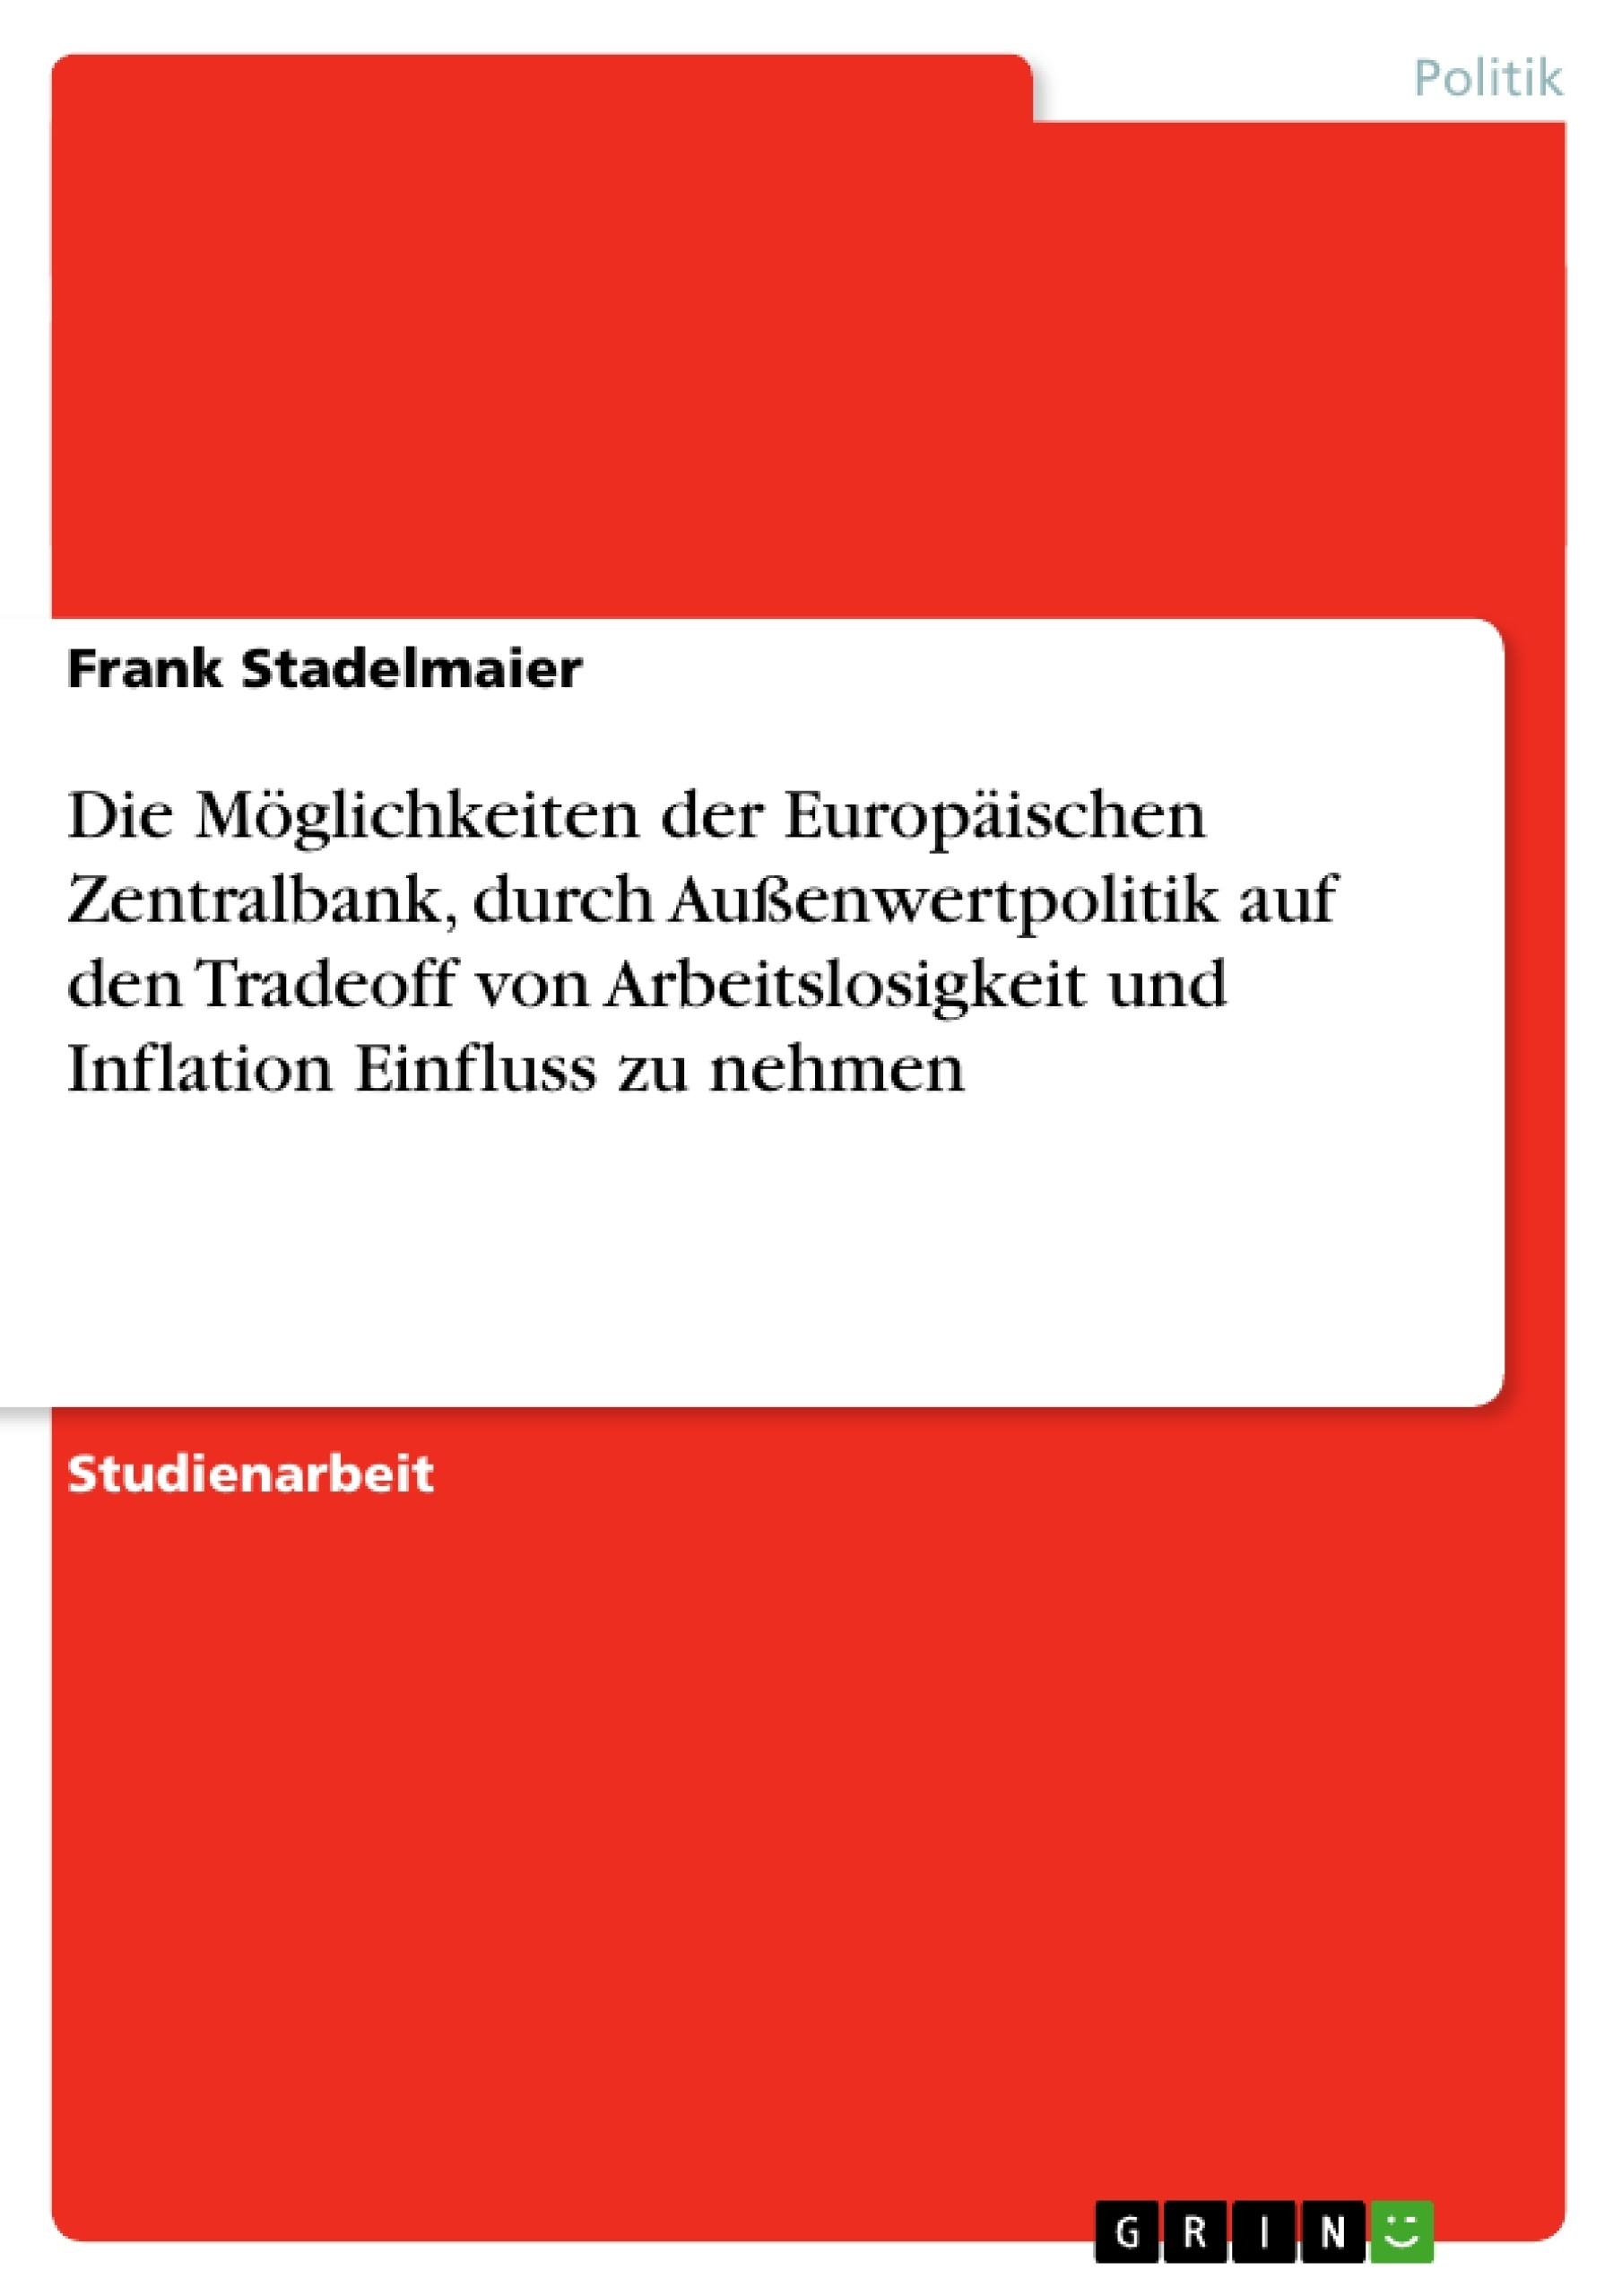 Titel: Die Möglichkeiten der Europäischen Zentralbank, durch Außenwertpolitik auf den Tradeoff von Arbeitslosigkeit und Inflation Einfluss zu nehmen